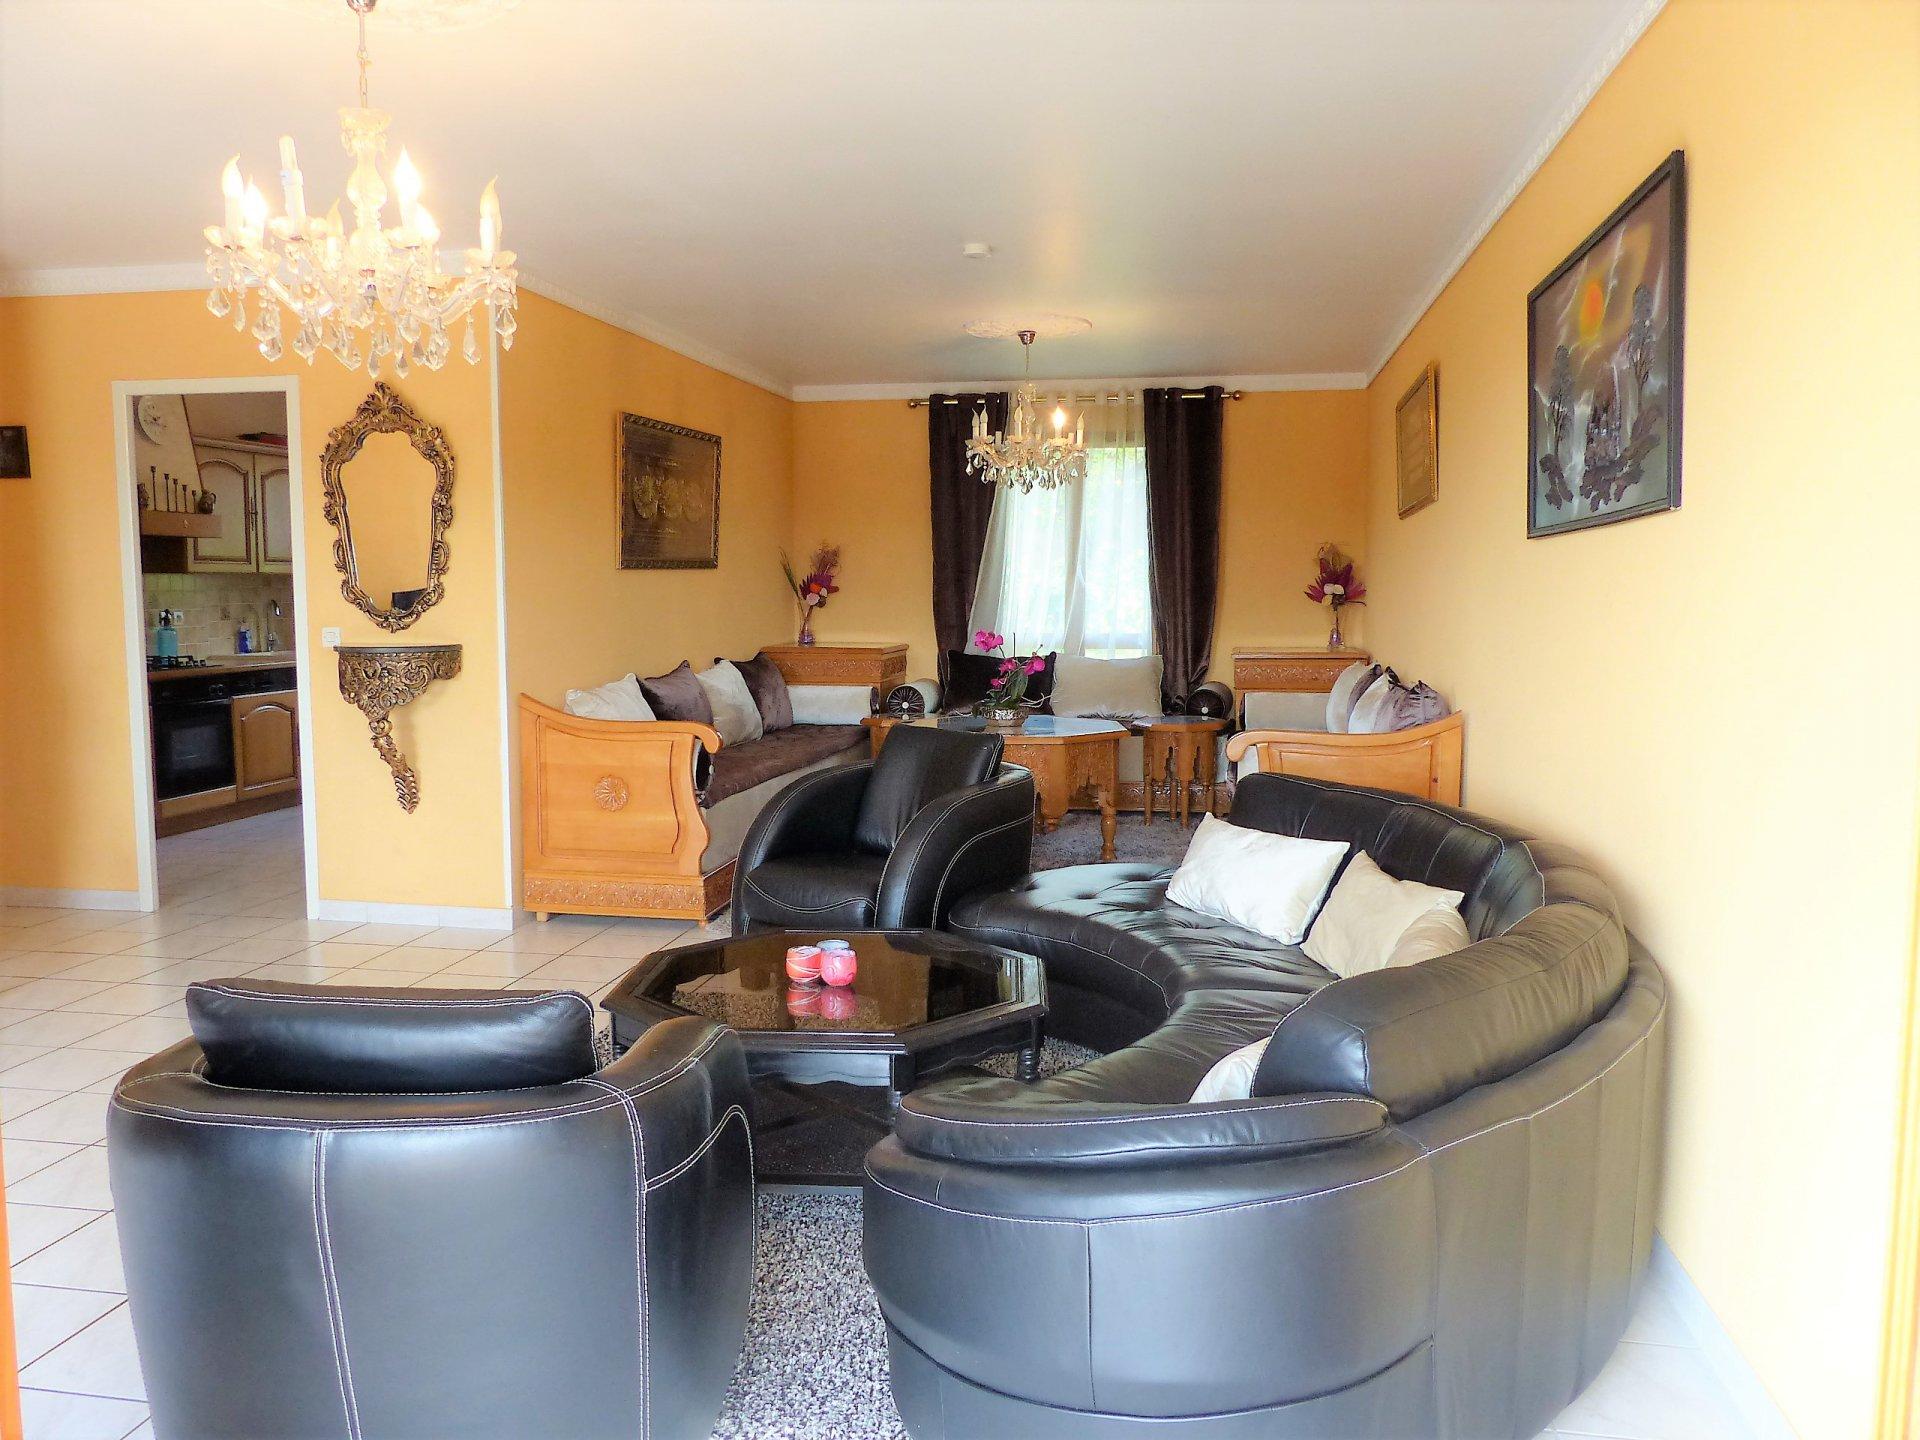 Maison aménagée sur deux niveaux, avec en rez de chaussée une cuisine, une chambre, un salon, un point d'eau et un grand garage de 29 m². Au premier étage vous pourrez trouver une seconde cuisine, un grand salon de 35.4 m², une salle de bain spacieuse de 7 m² et 3 belles chambres toutes équipées de placards muraux. Le tout sur un terrain de 752 m², entièrement clos où vous pourrez profiter d'un espace dédié aux arbres fruitiers et au jardinage. Possibilité de faire deux logements indépendants. Ce bien en parfait état, se trouve près de toutes les commodités, écoles ,parcs ... Honoraires à la charge des vendeurs.